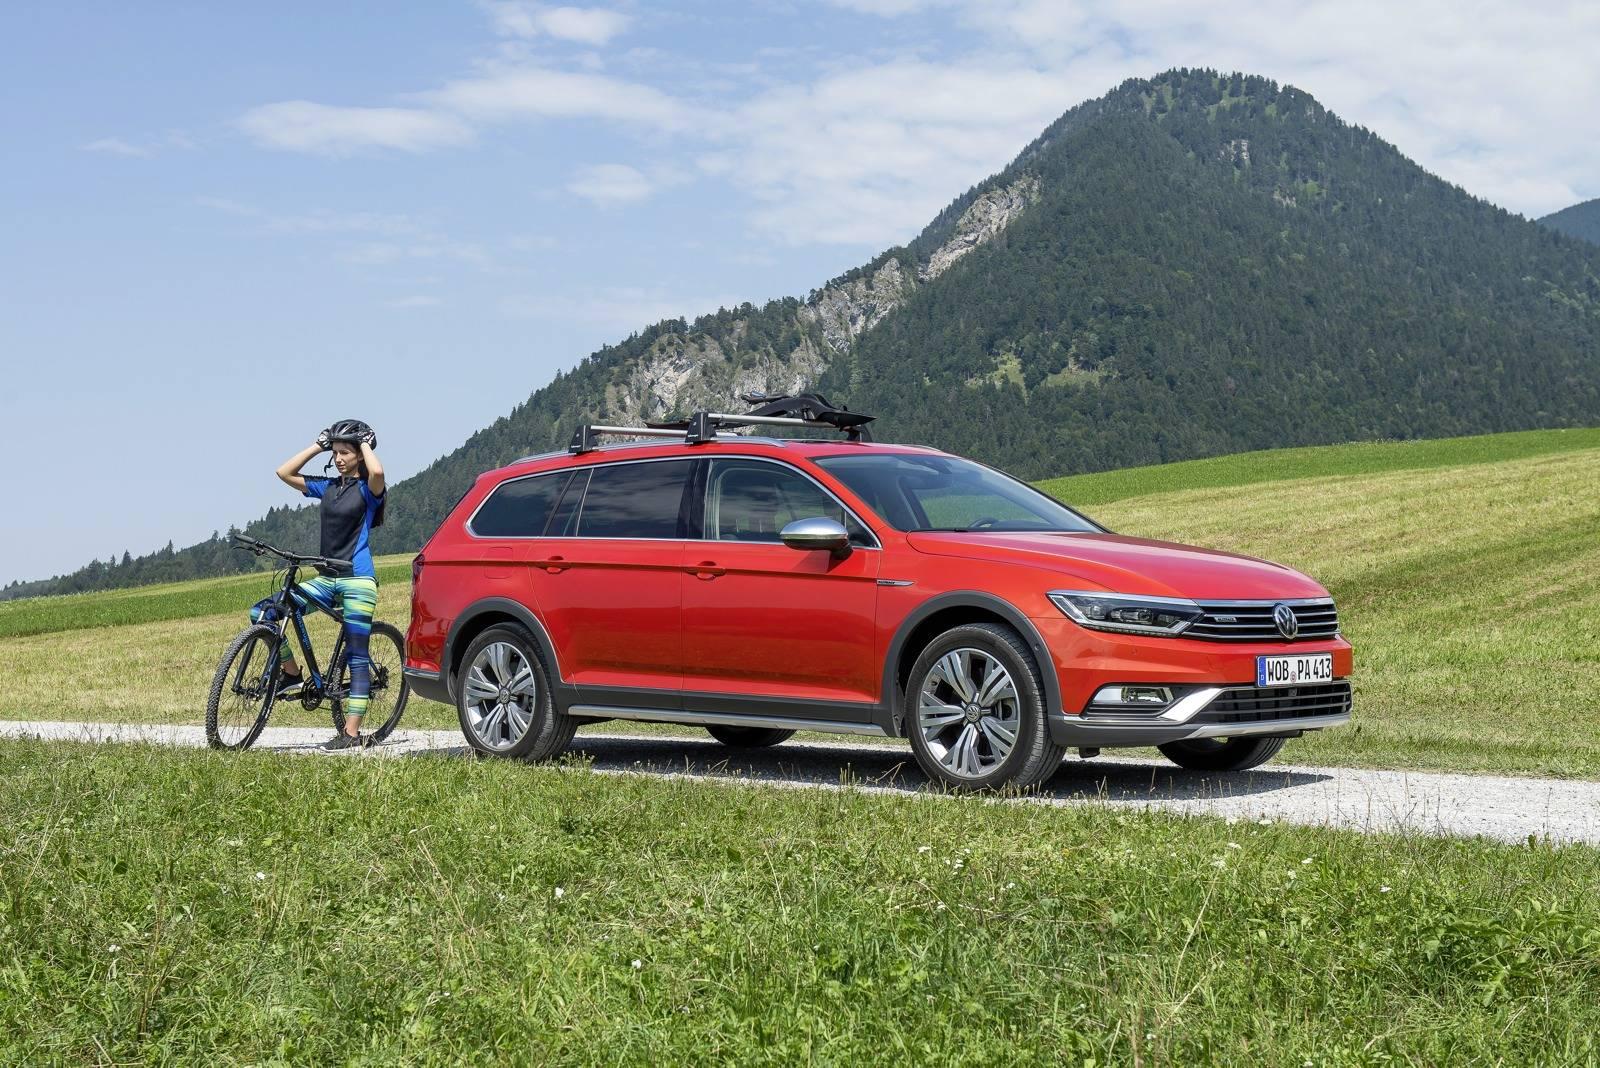 2016-VW-Passat-Alltrack-side-view.jpg